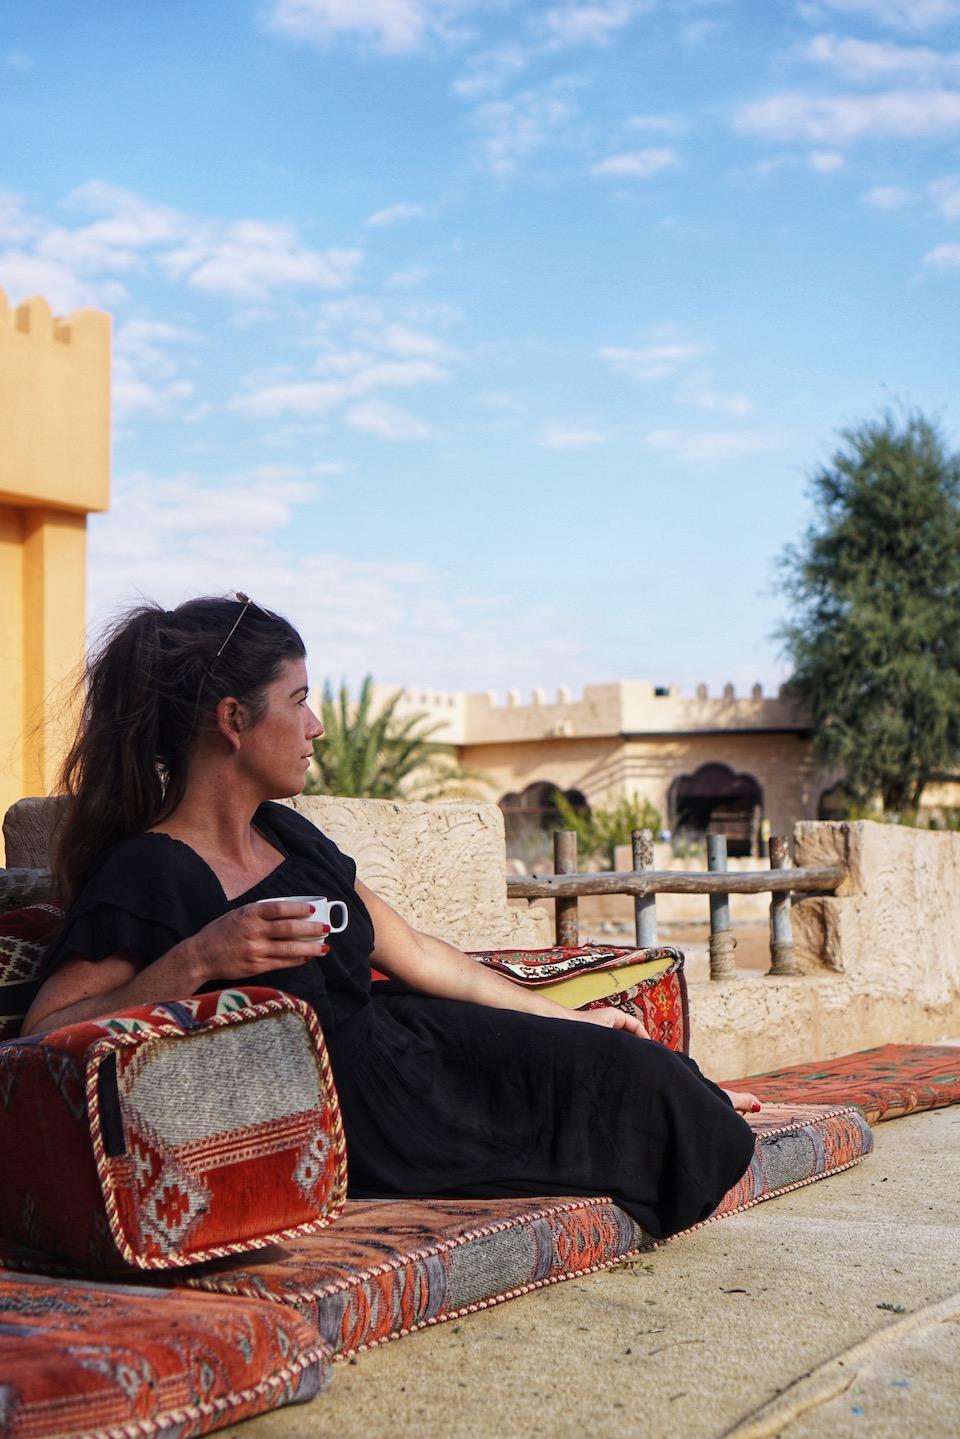 Arabian Oryx Camp - De woestijn van Oman, Wahiba Sands - de bezienswaardigheden en beste reisroute voor 9 dagen.